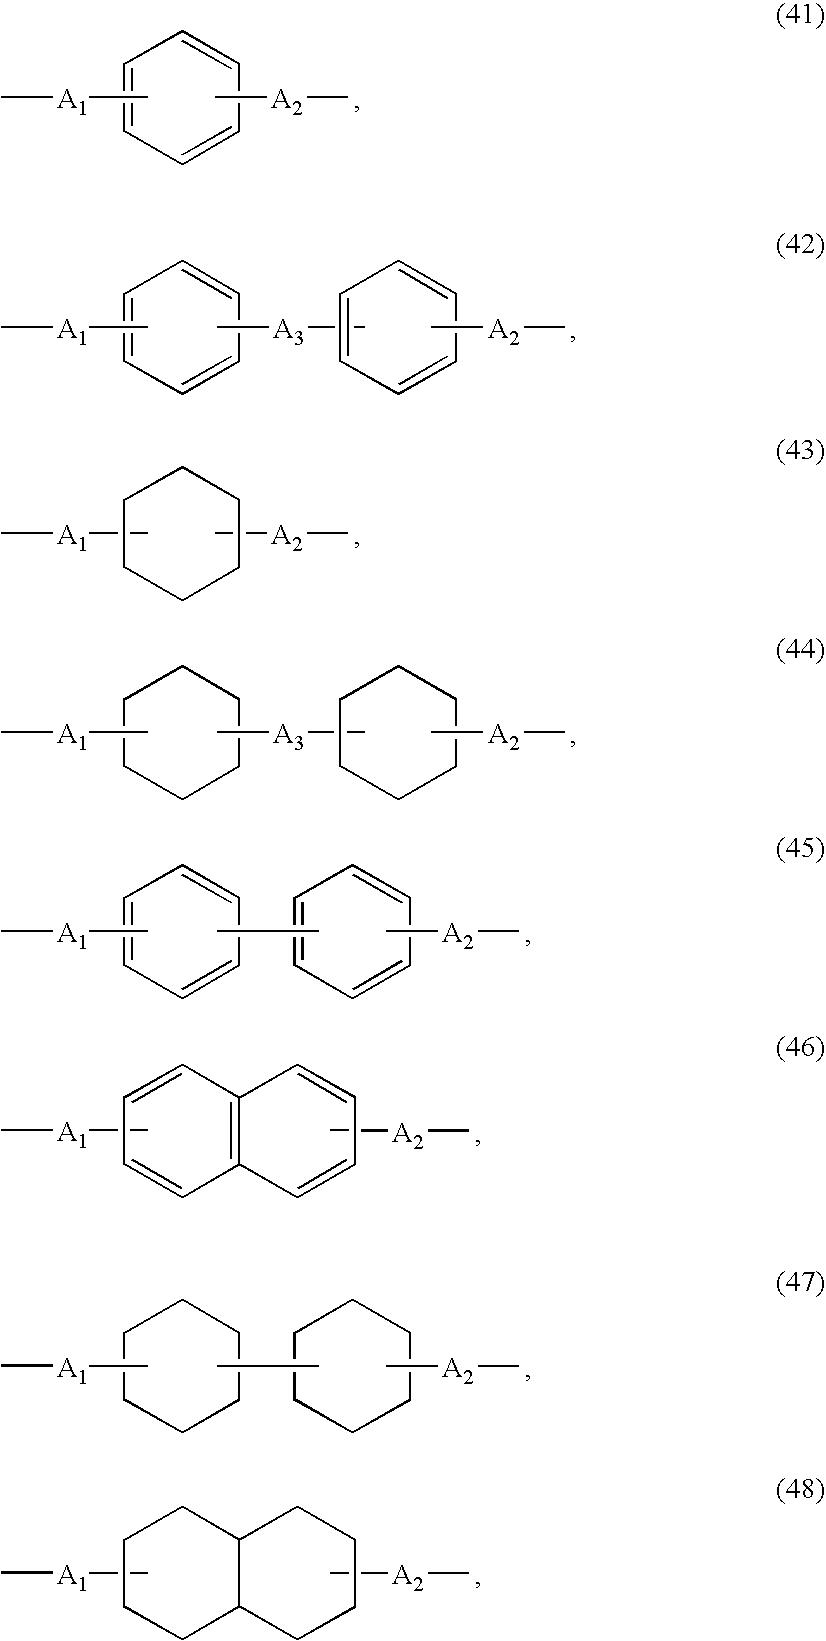 Figure US07550549-20090623-C00027